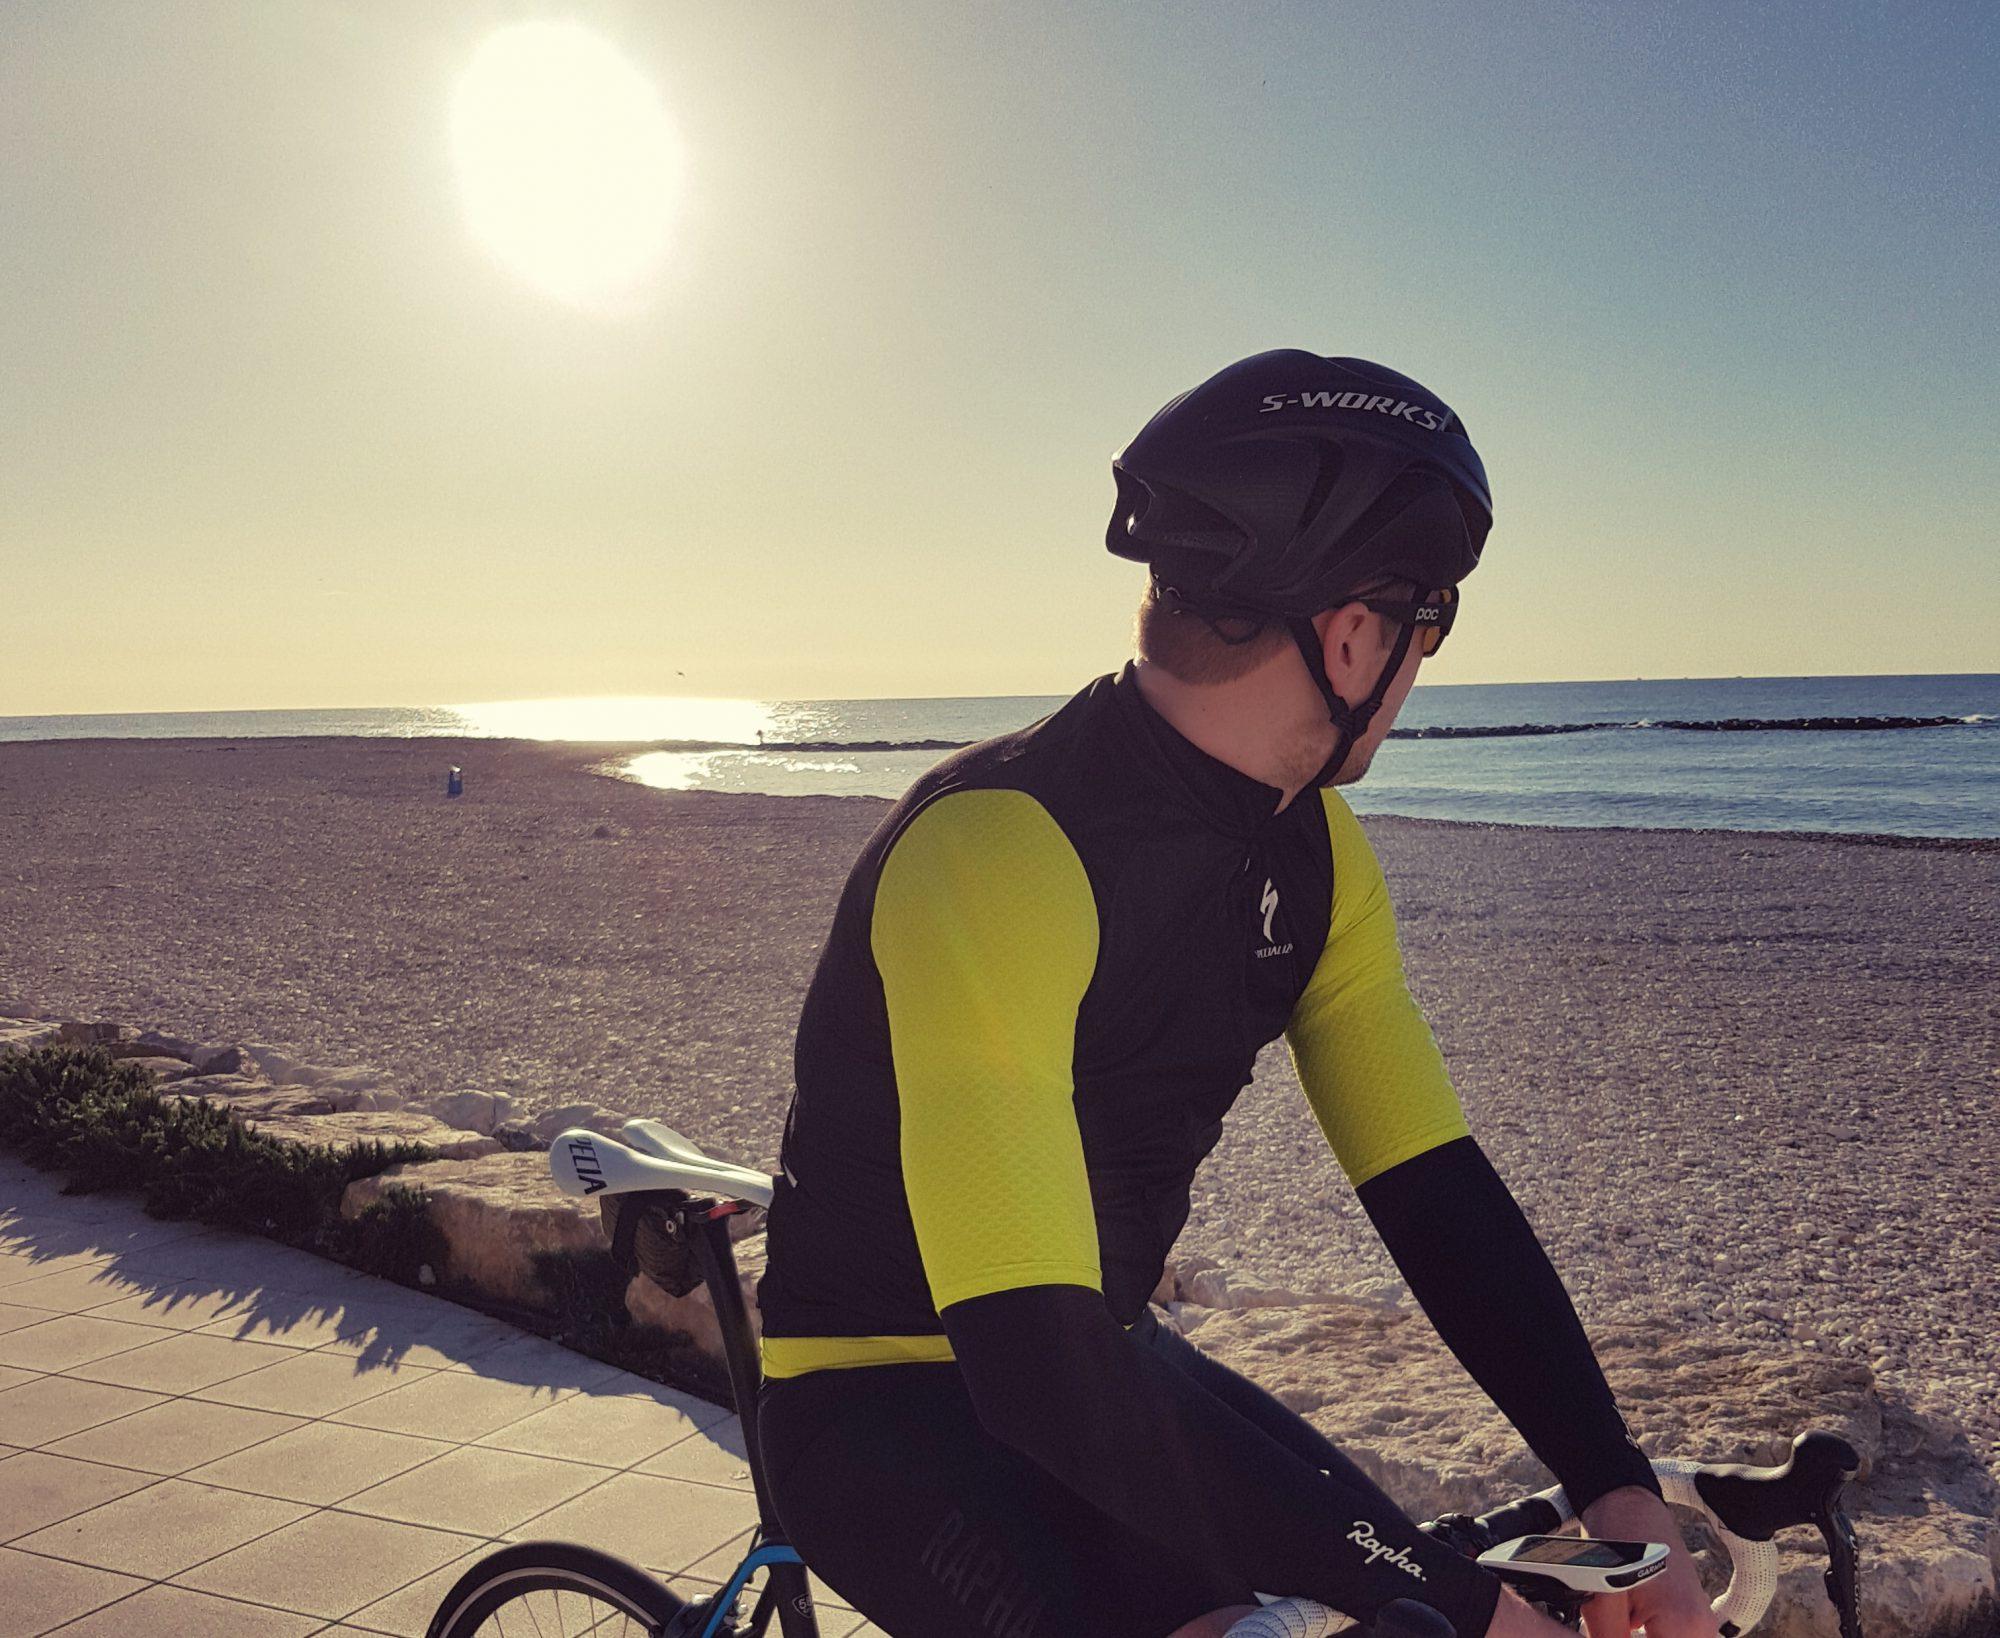 Cykeltokig